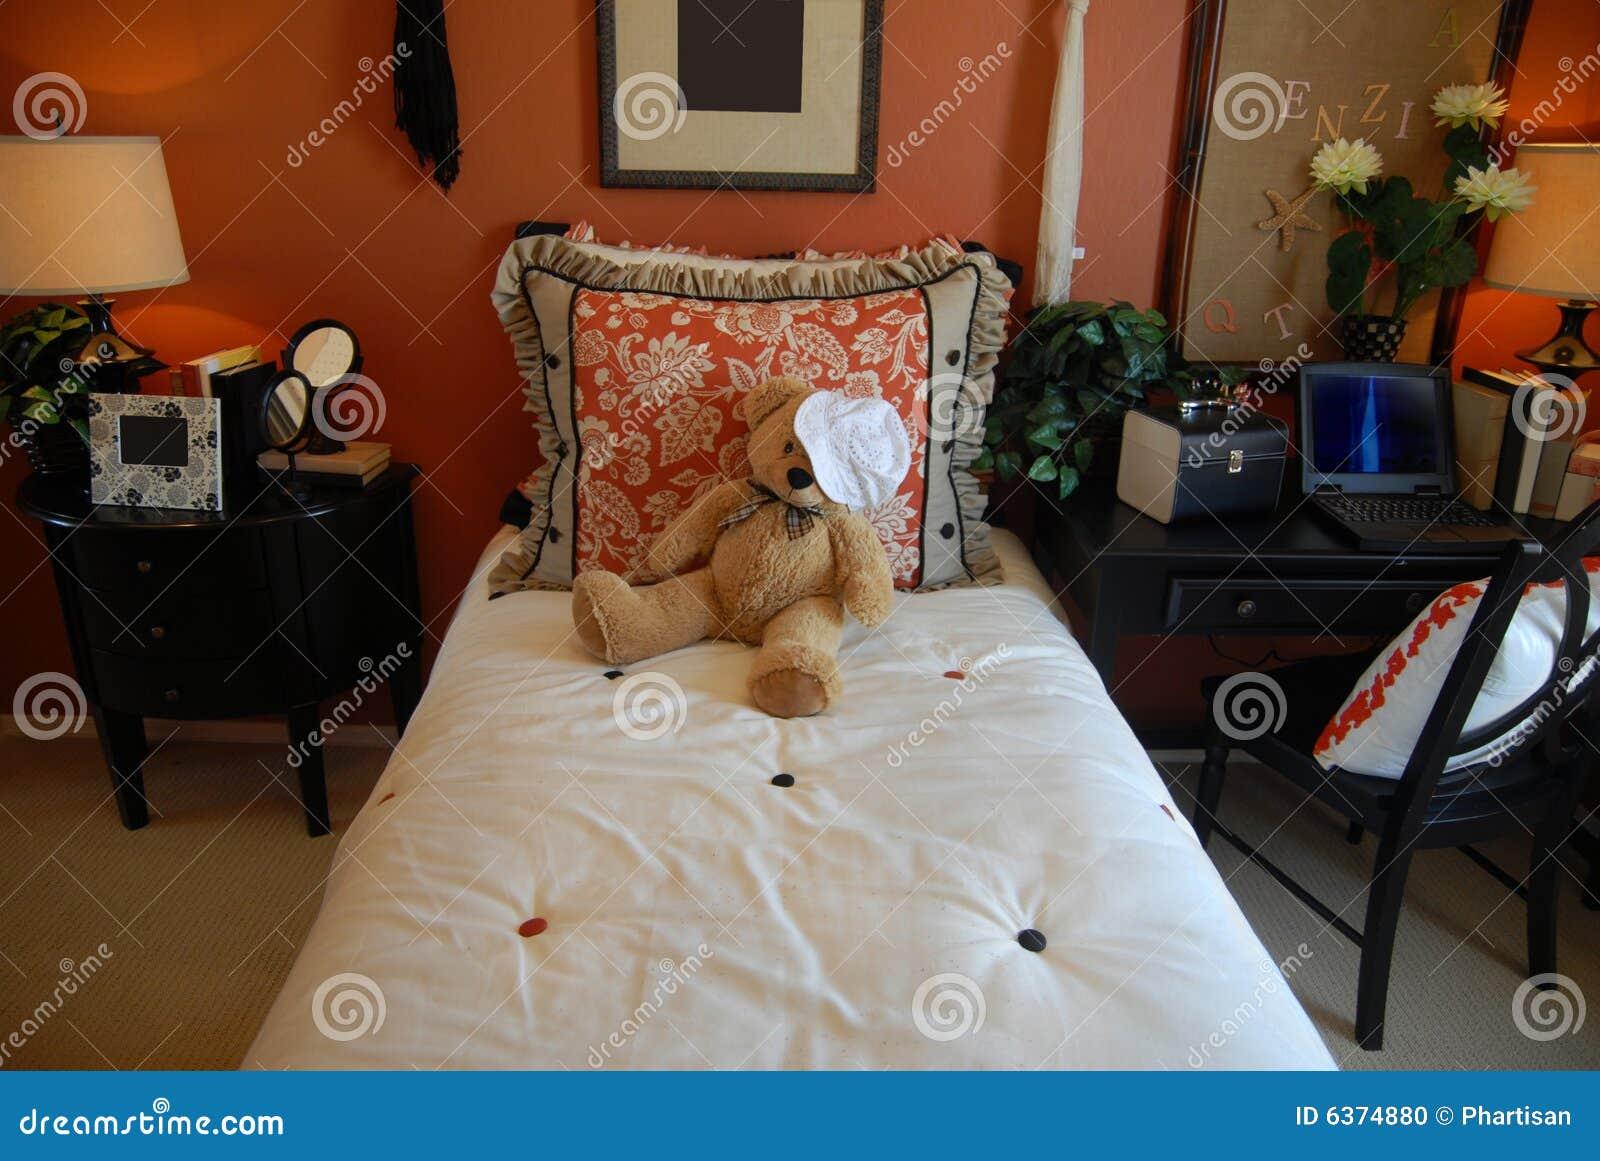 De slaapkamer van tieners stock foto beeld 6374880 - Foto van tiener slaapkamer ...